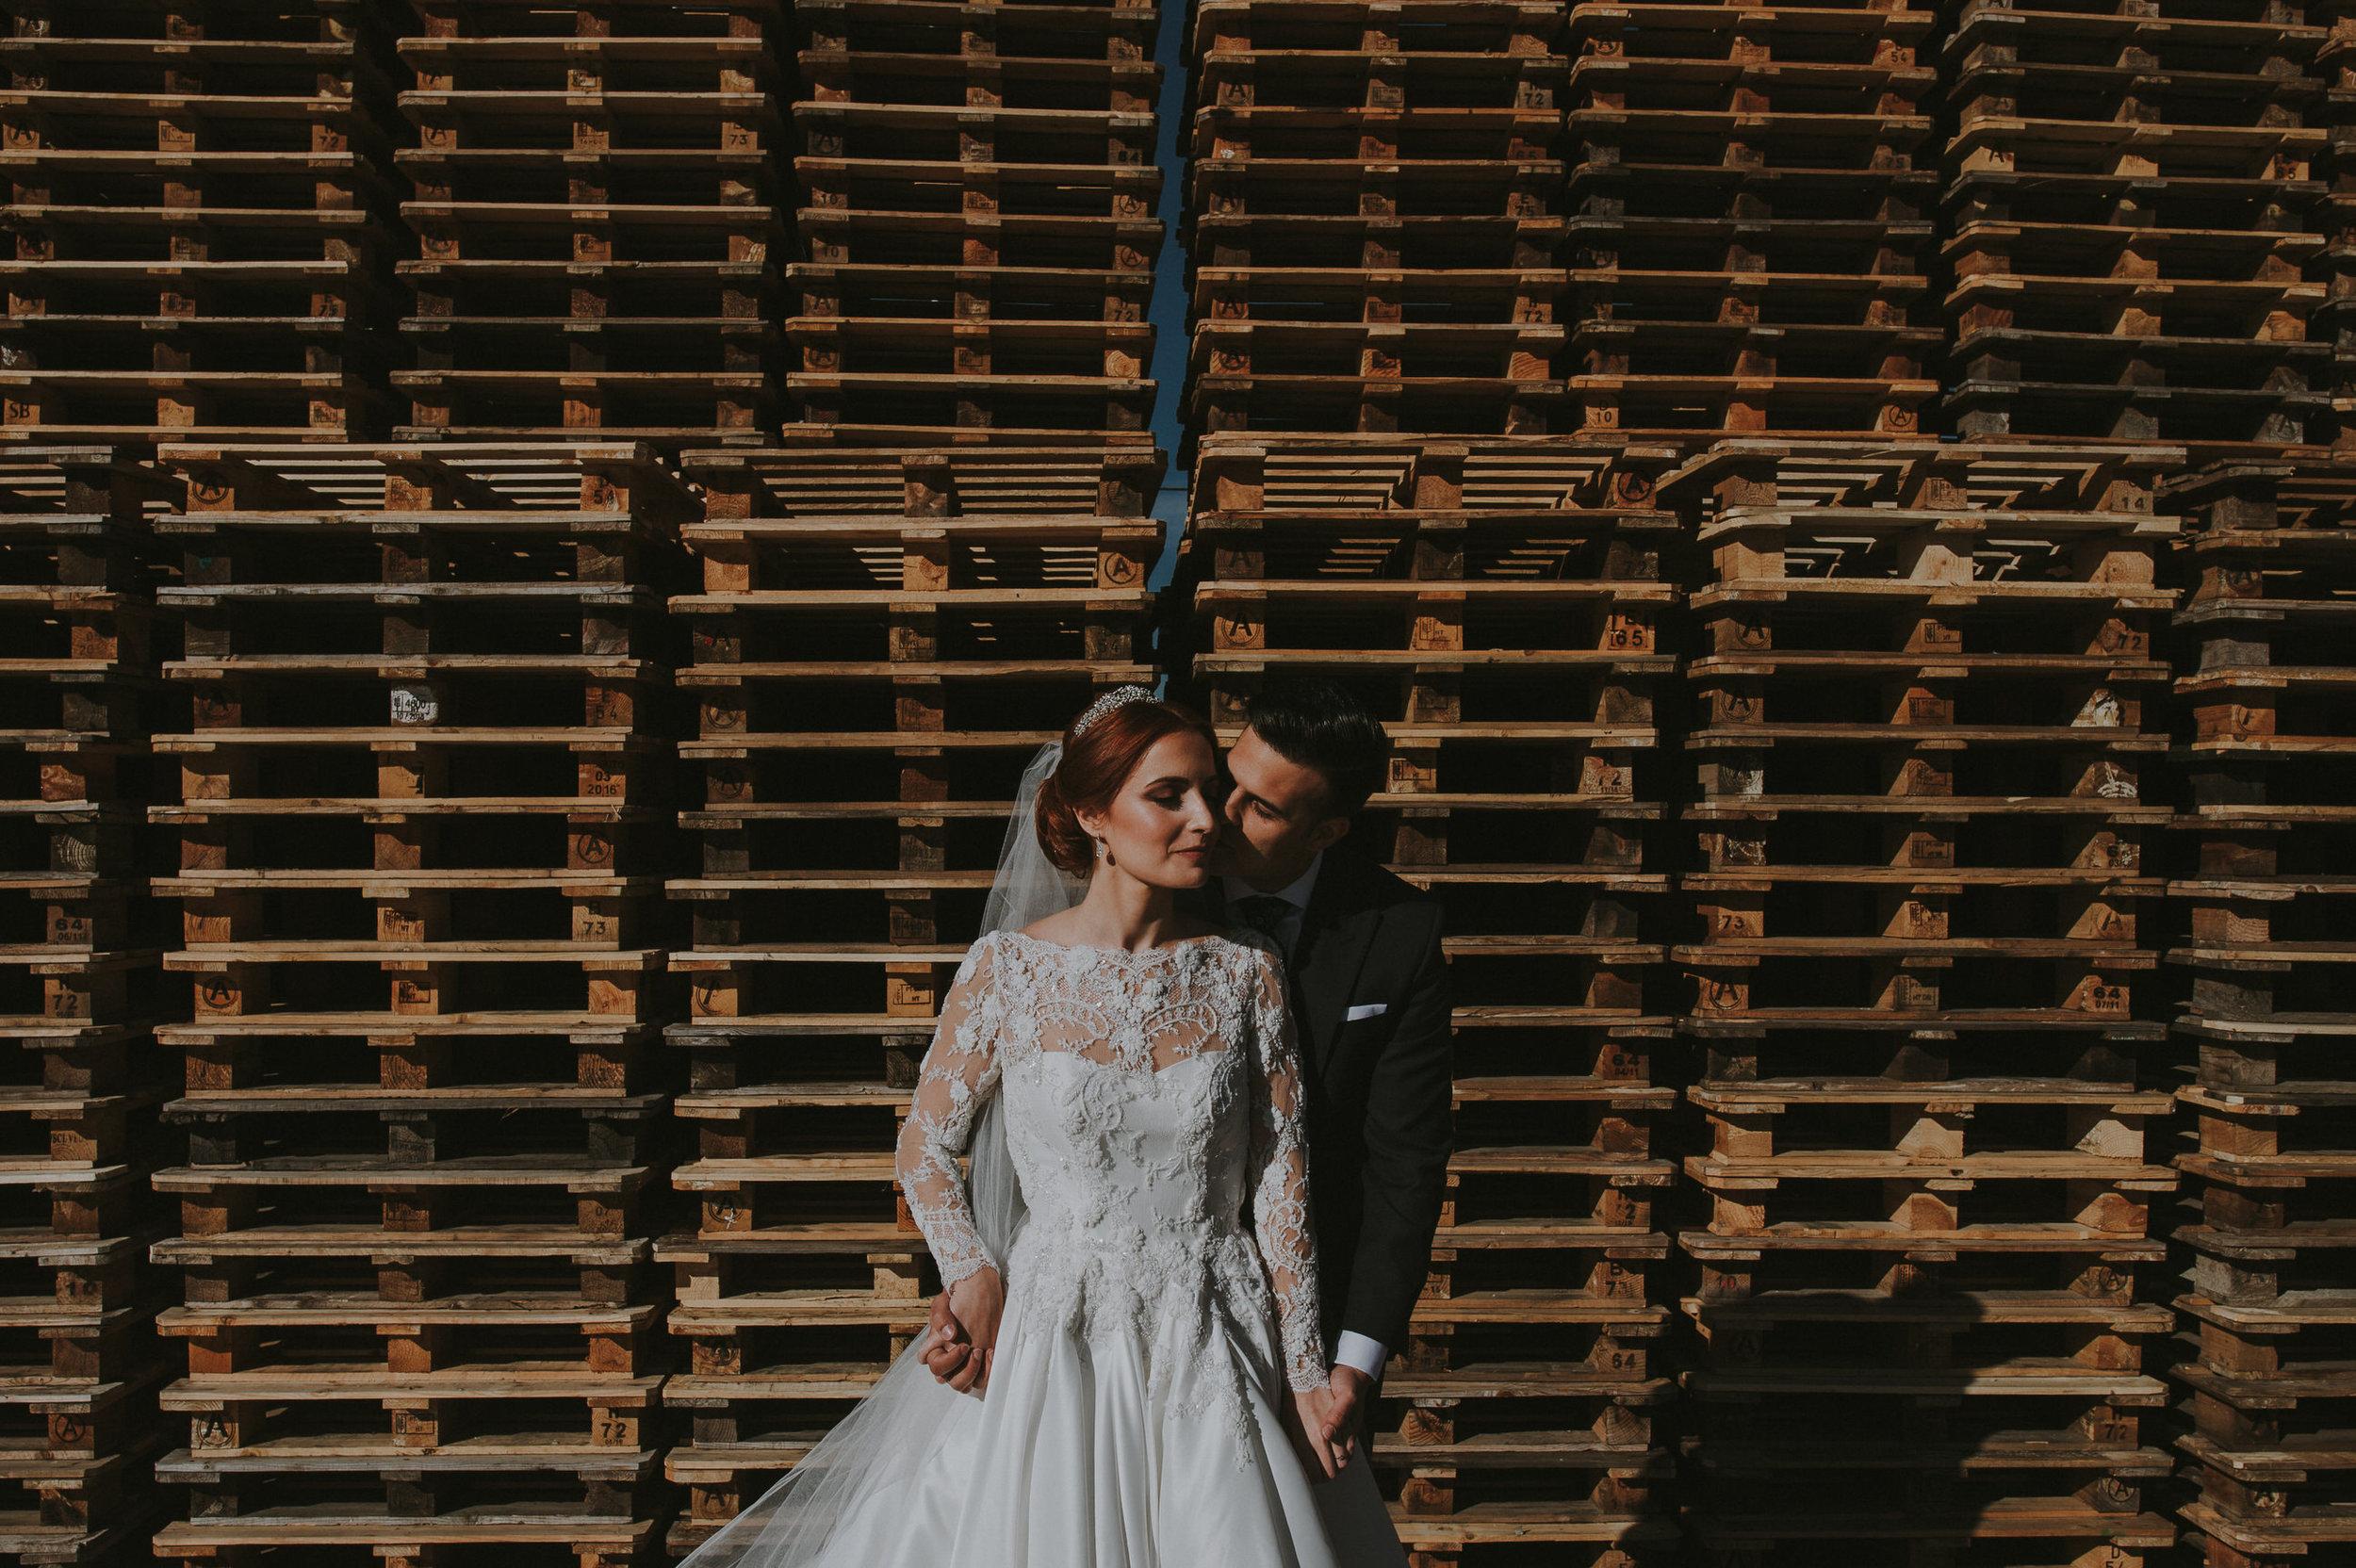 Andrés+Amarillo+fotografo+boda+Utrera+Dos+Hermanas+Santa+Maria+la+blanca+albaraca+Ivan+Campaña+los+tumbao (6).JPG